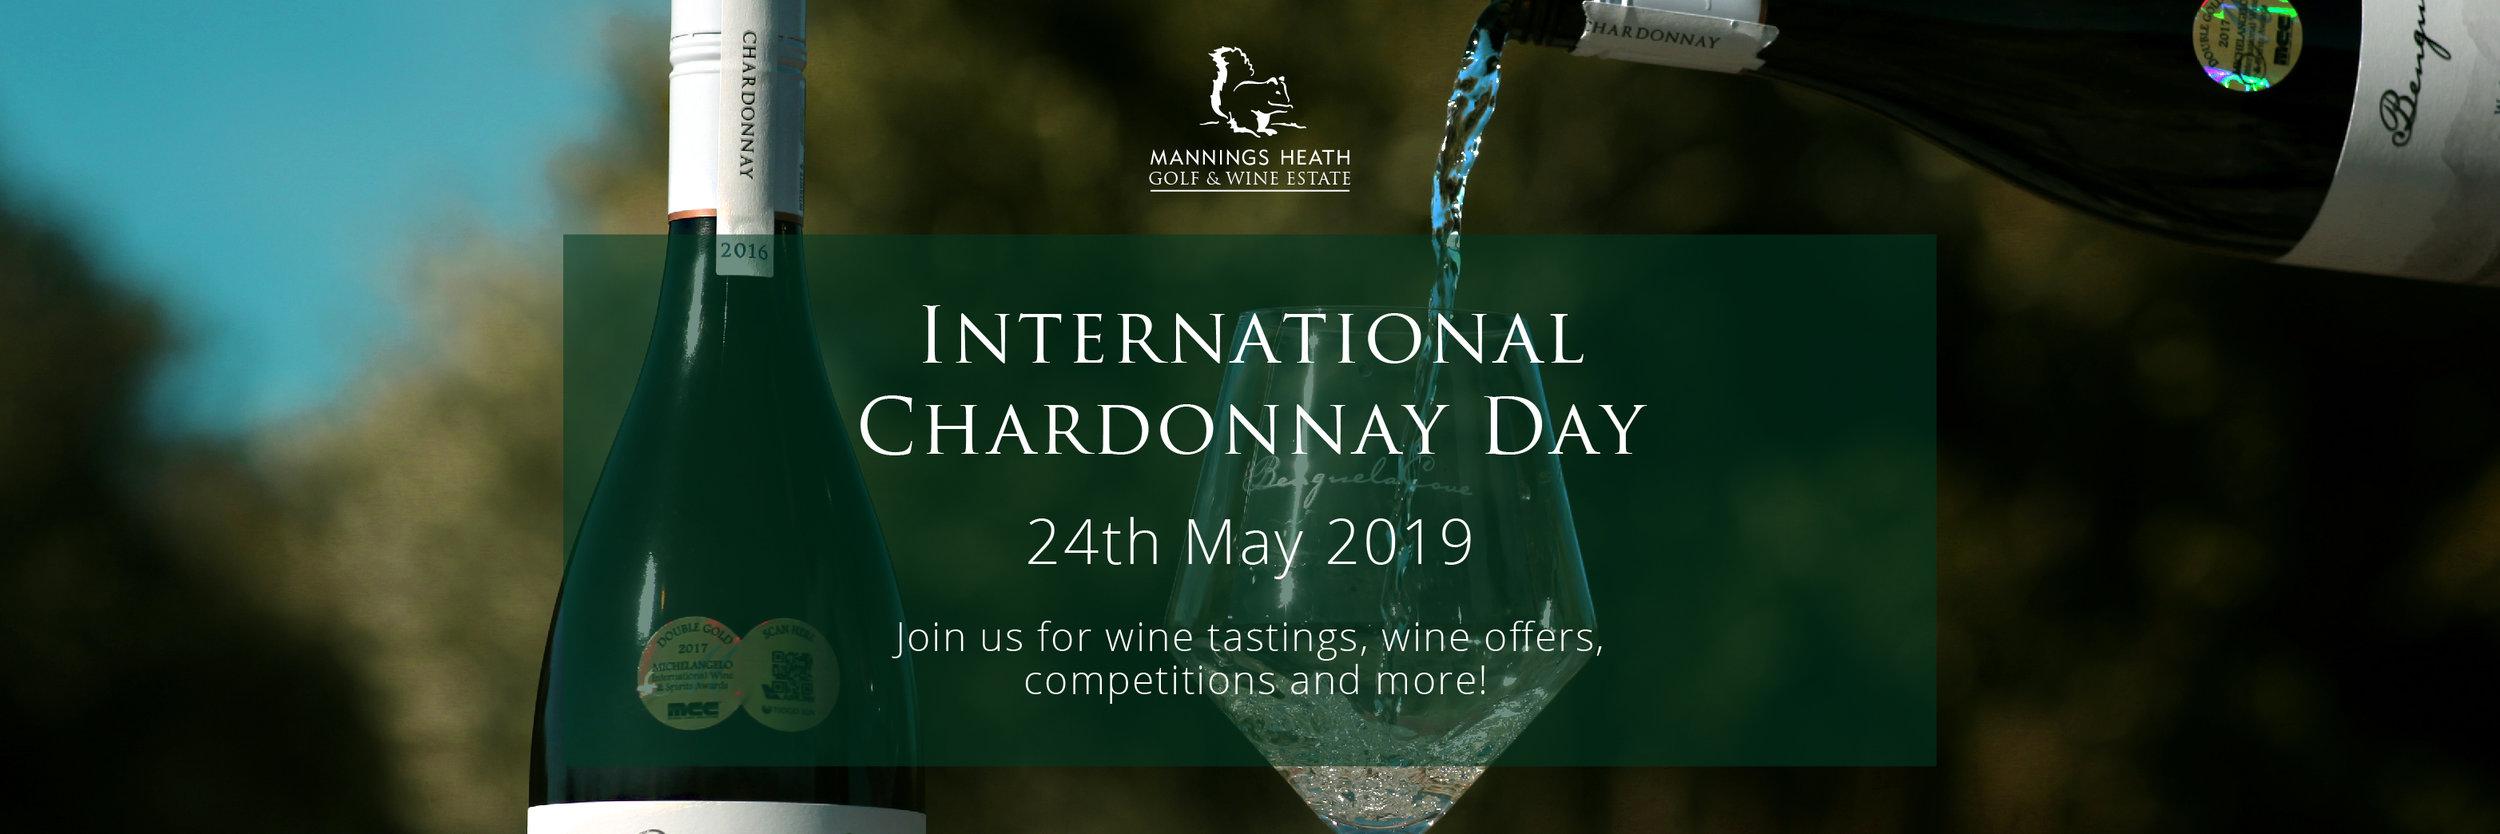 Chardonnay Mannings Horsham